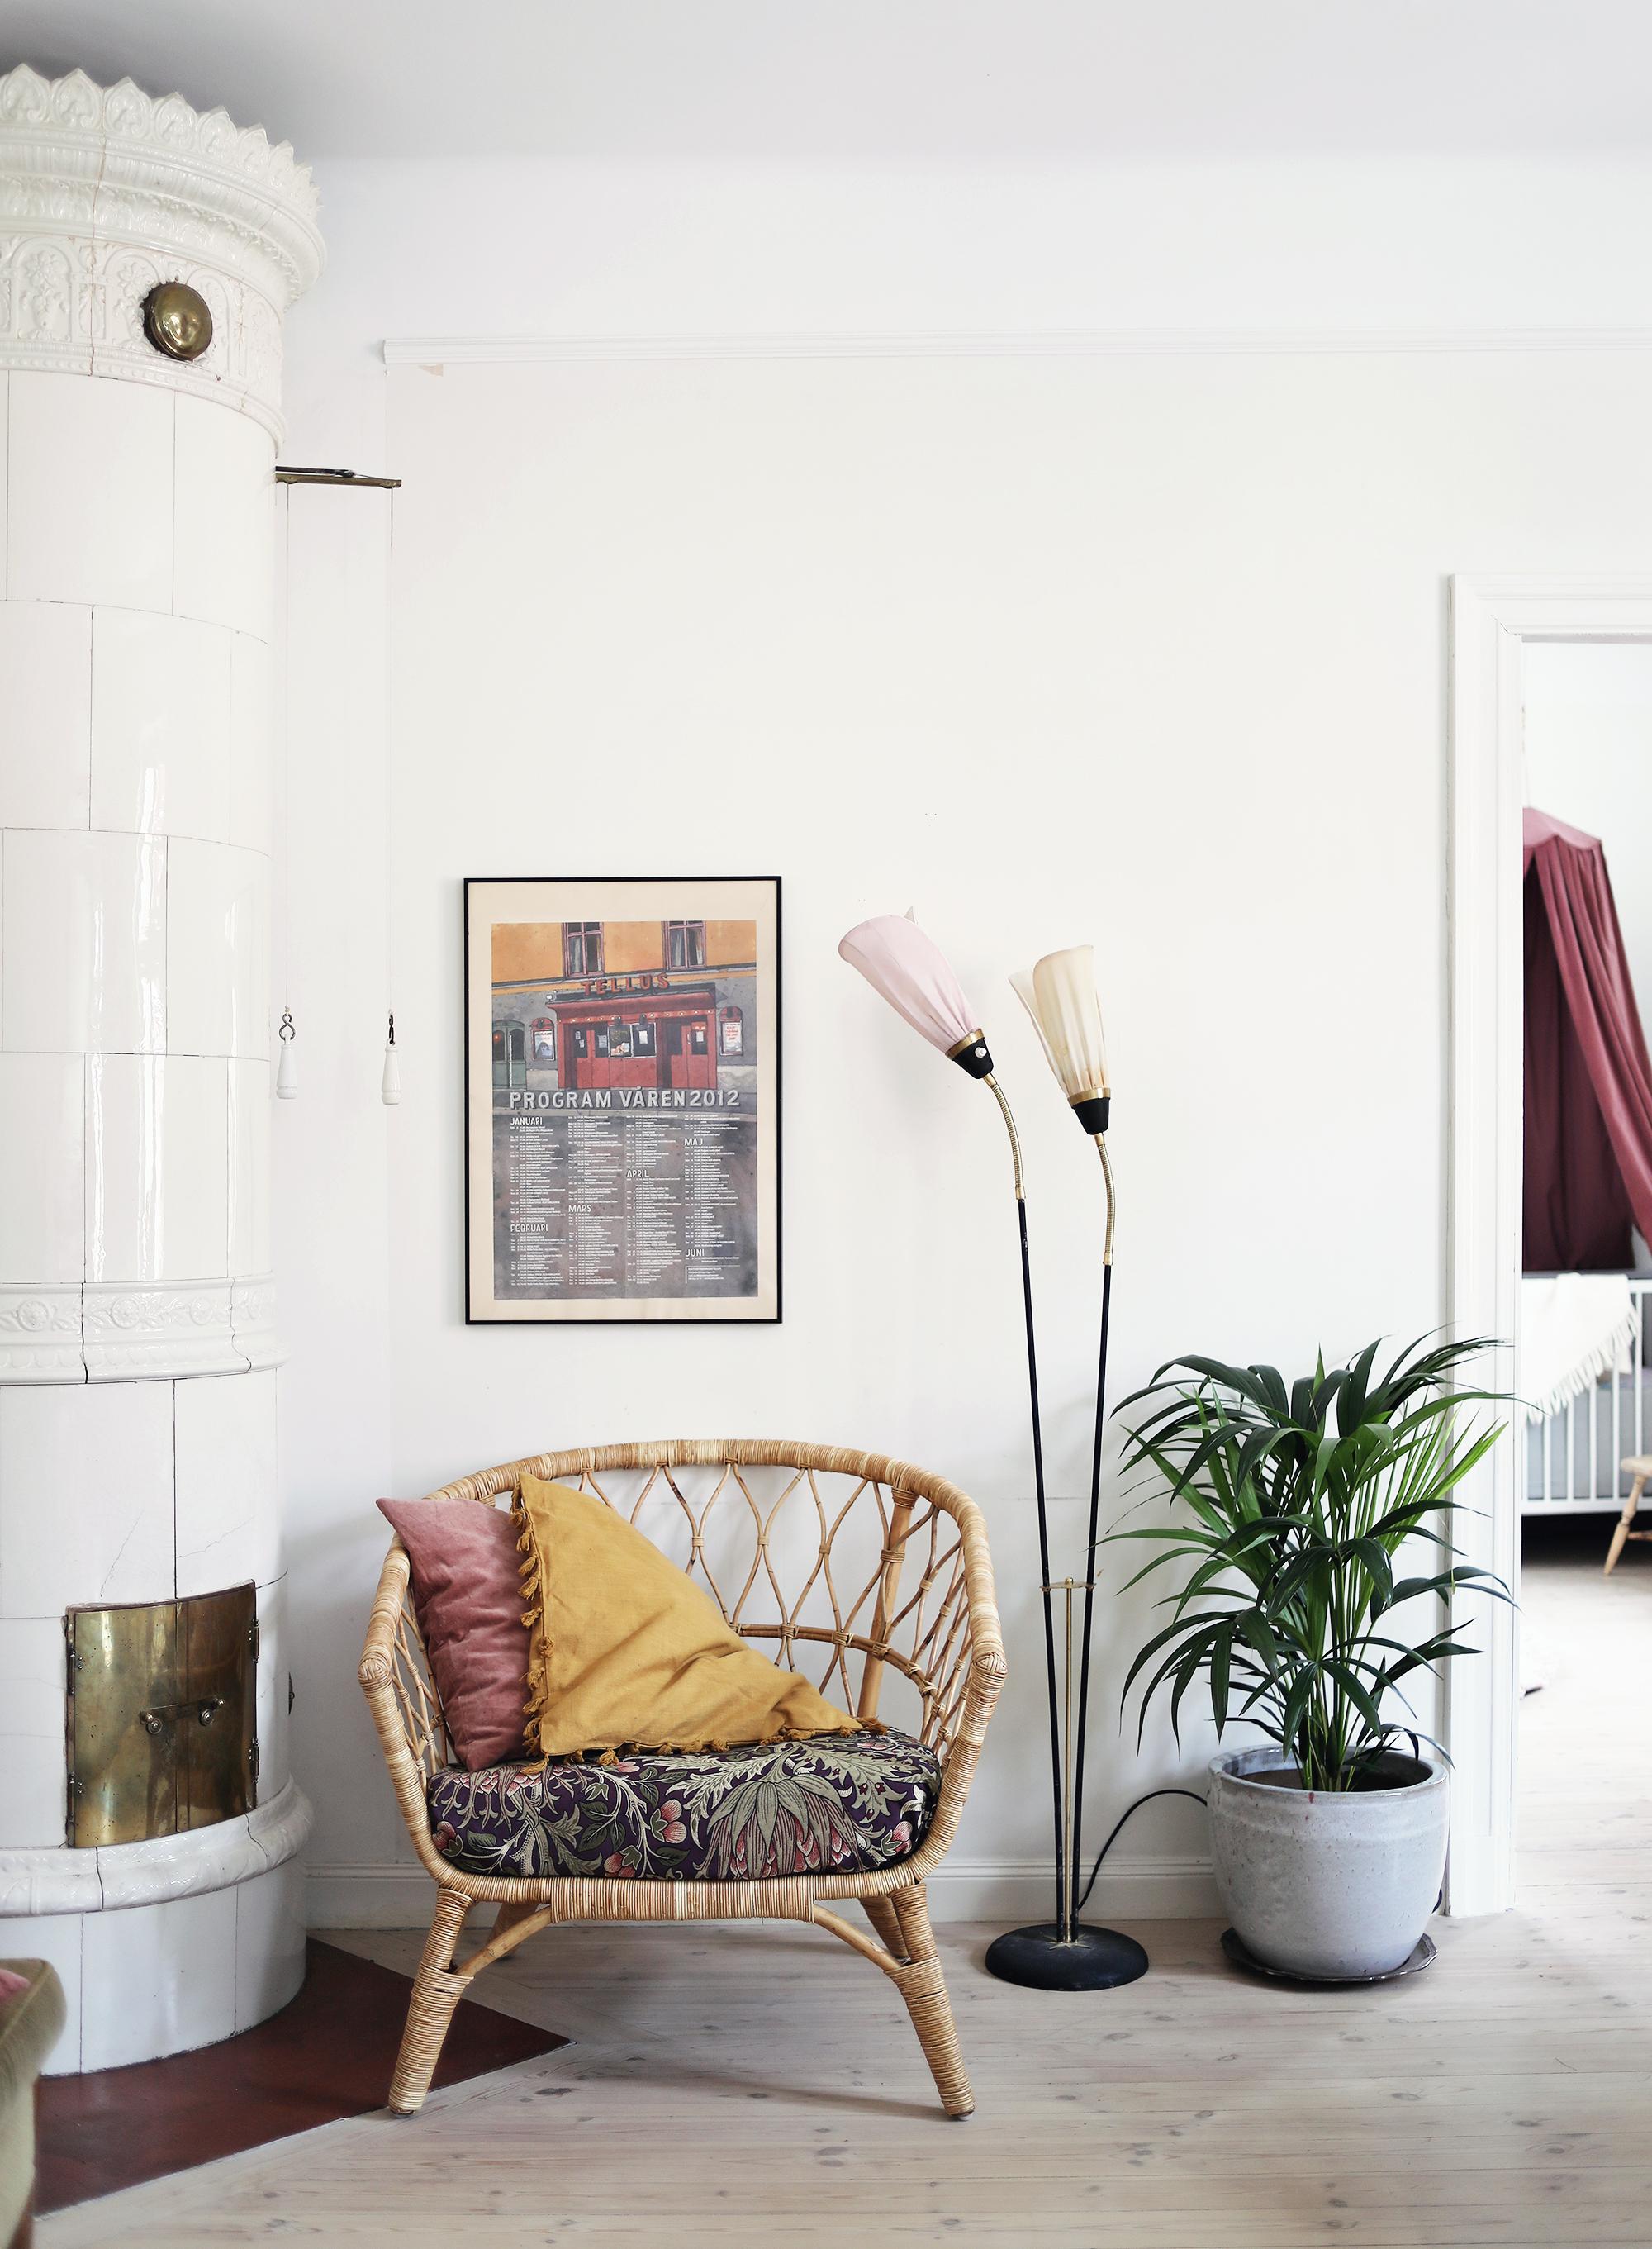 lägenhet sekelskifte lampa fåtölj rotting Ikea kakelugn